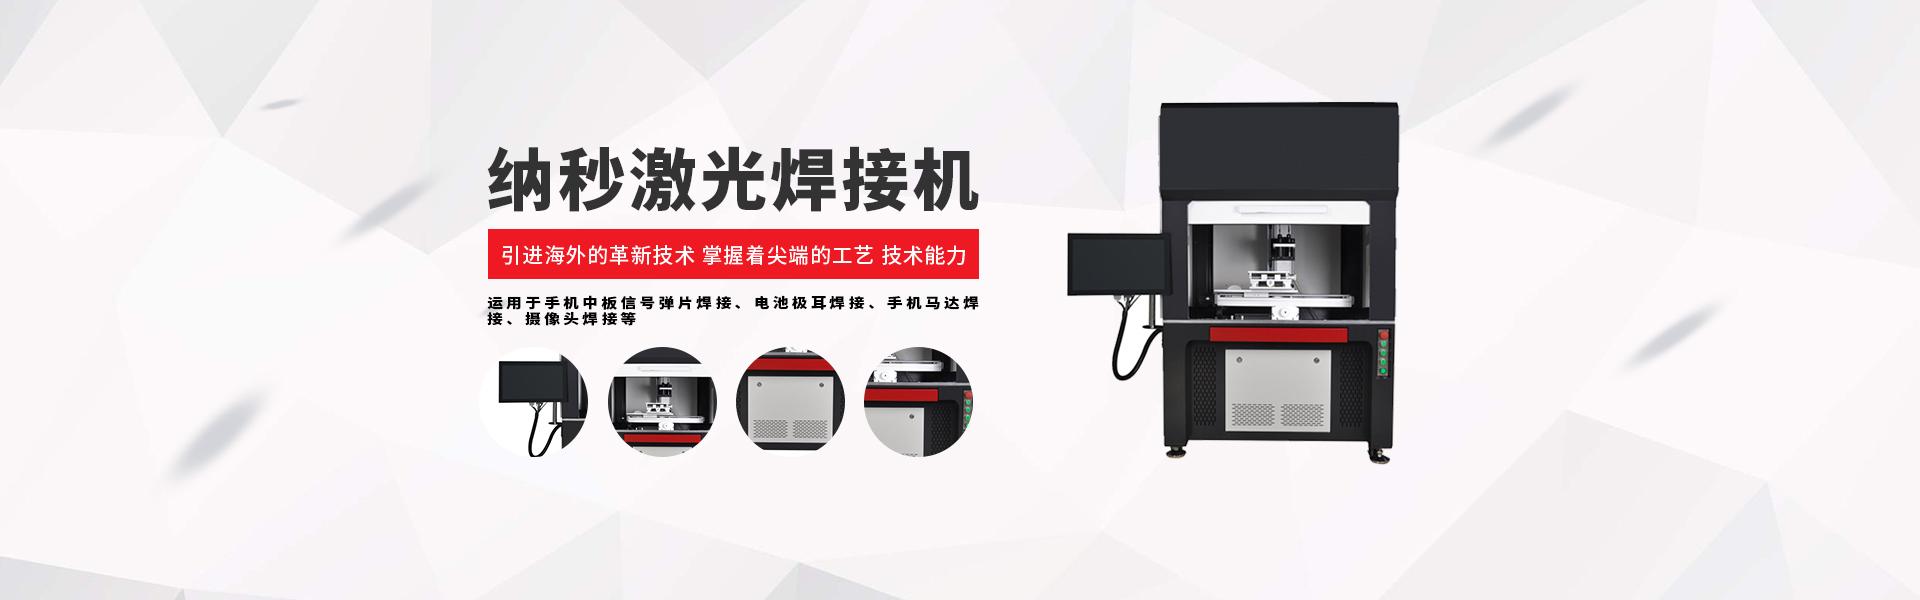 CCD视觉镭雕机,紫外镭雕机,光纤镭雕机